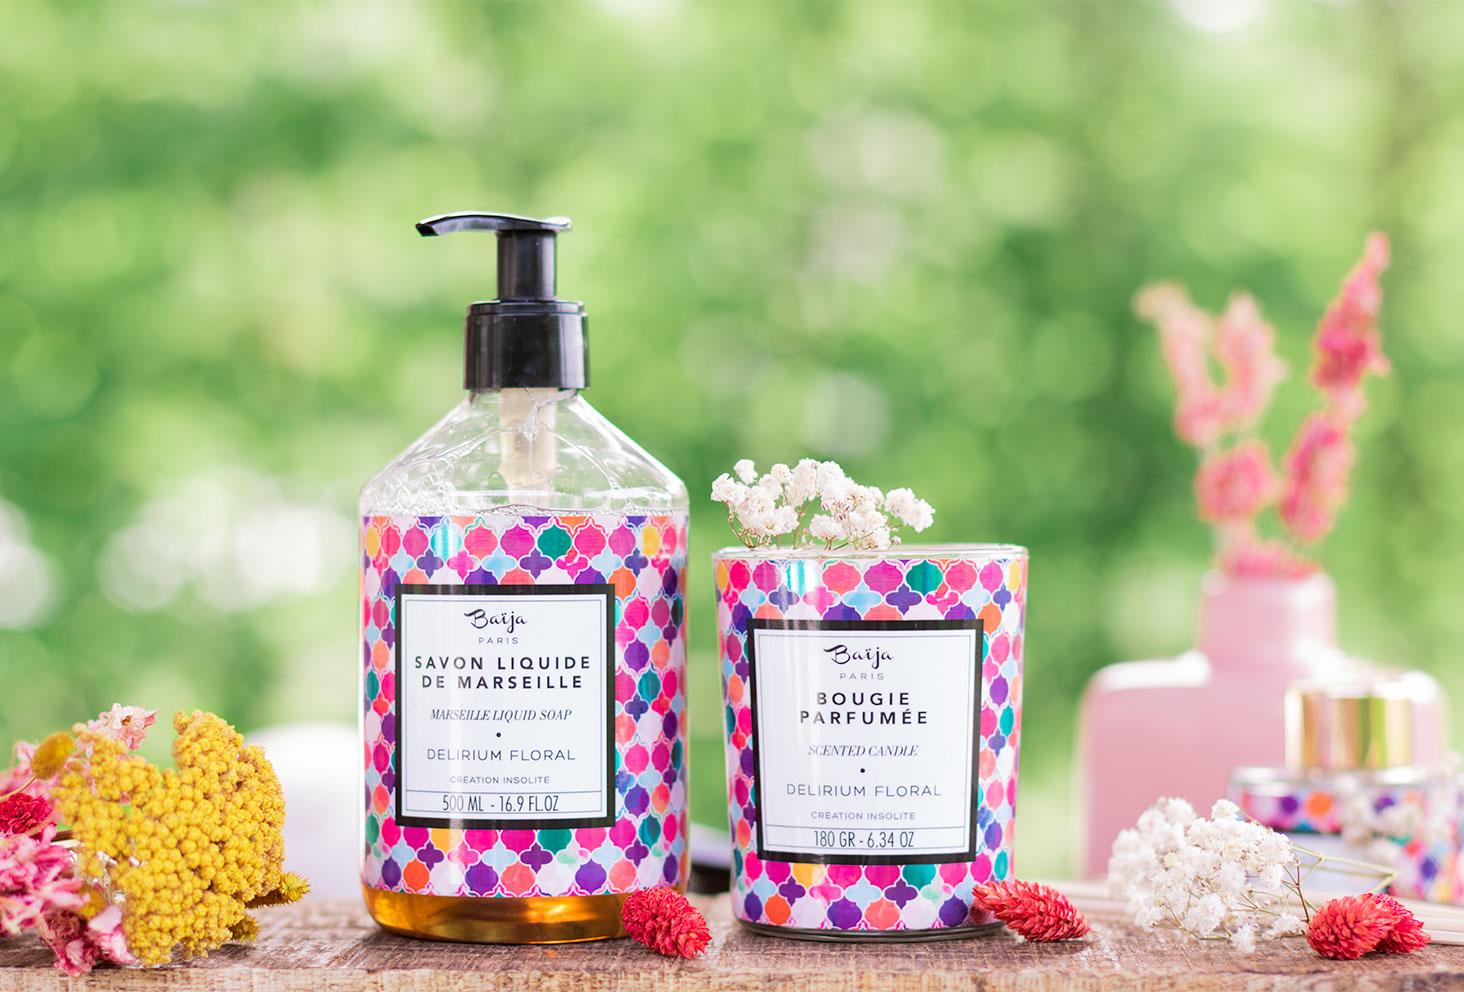 Le savon liquide de Marseille et la bougie parfumée Delirium Floral de la marque Baïja sur une planche en bois au milieu de bouquets de fleurs séchées